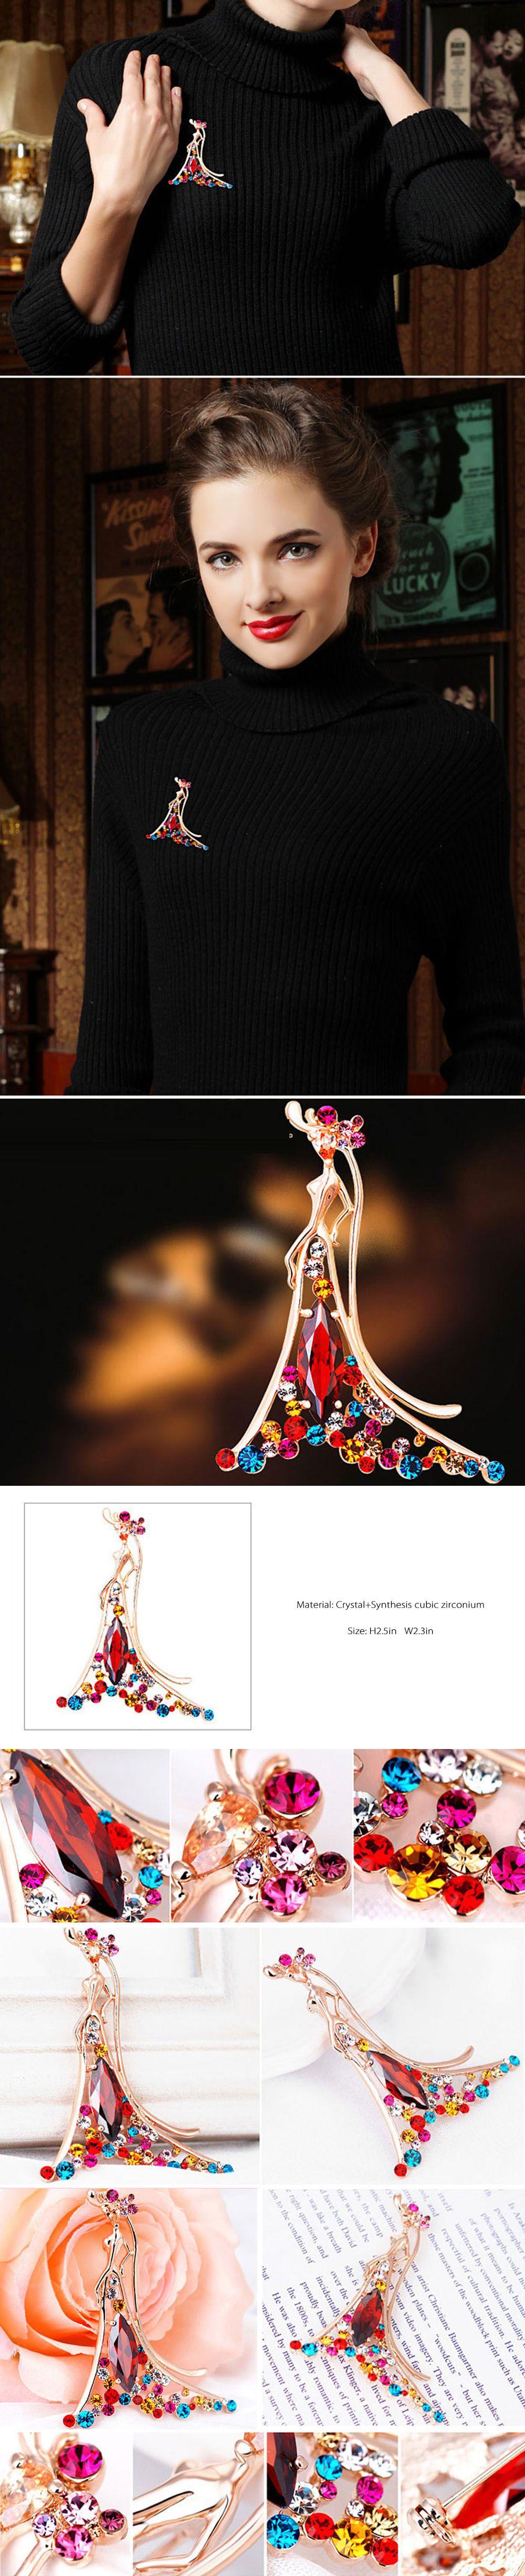 Beauty of Flame Brooch Fancy Crystal Brooch